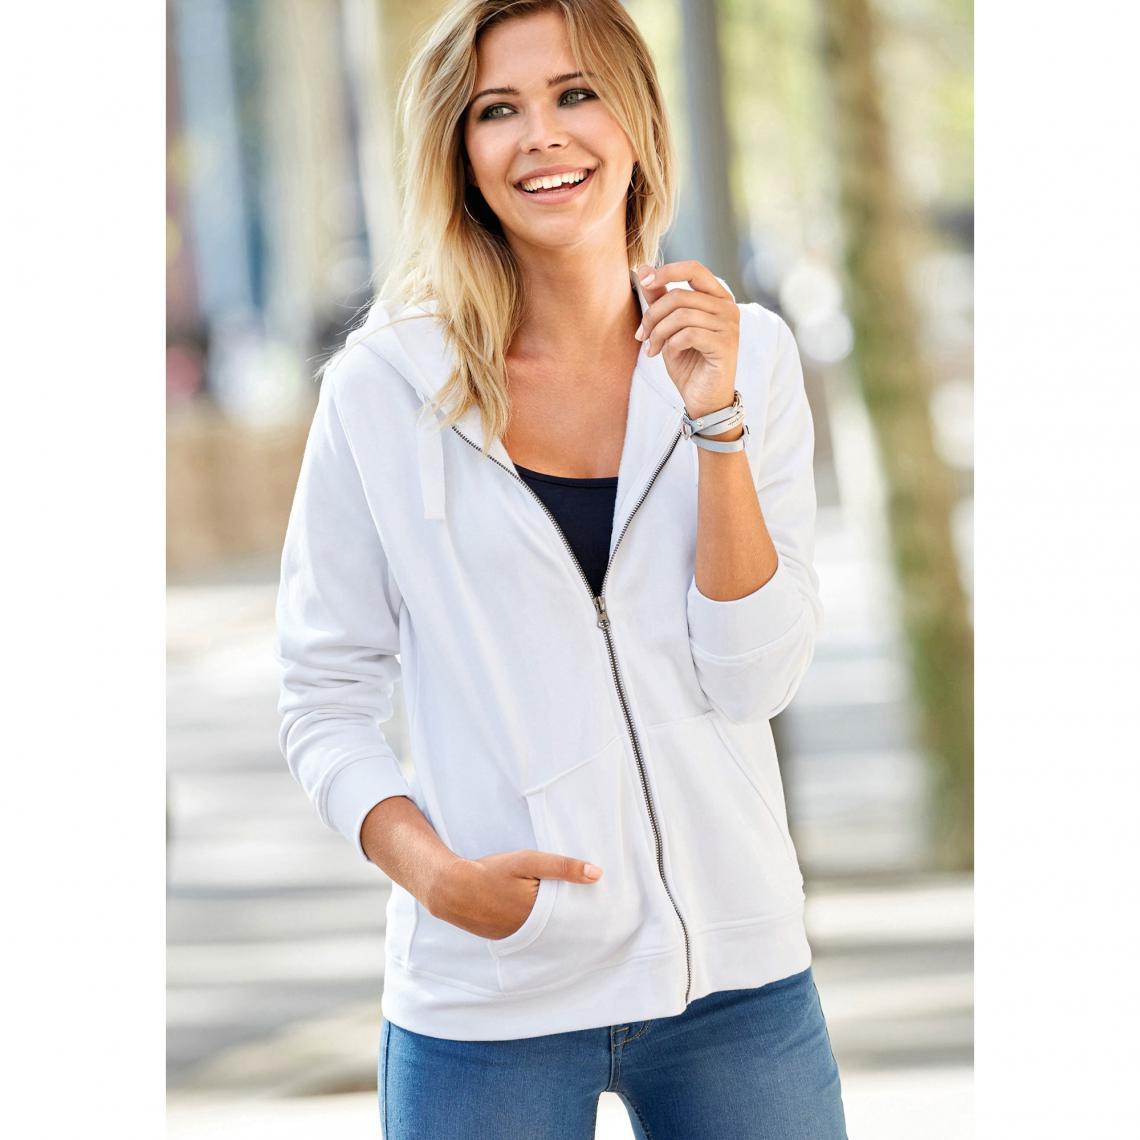 e63ca5b315c1 Sweat zippé à capuche poche kangourou femme Exclusivité 3SUISSES - Blanc 3  Suisses Femme